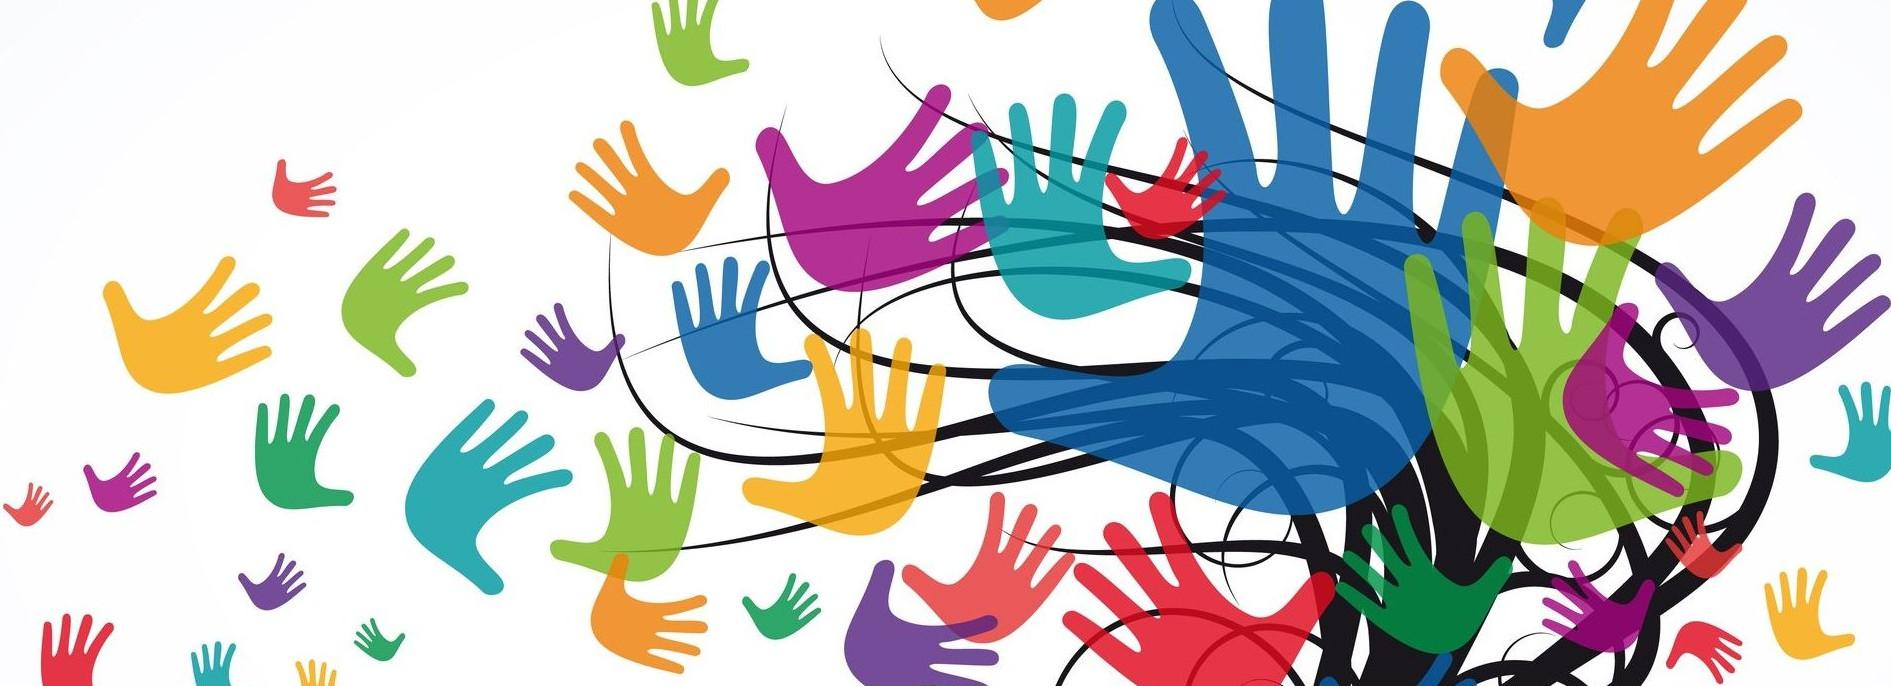 InterculturaAccoglienza-e1483617783276